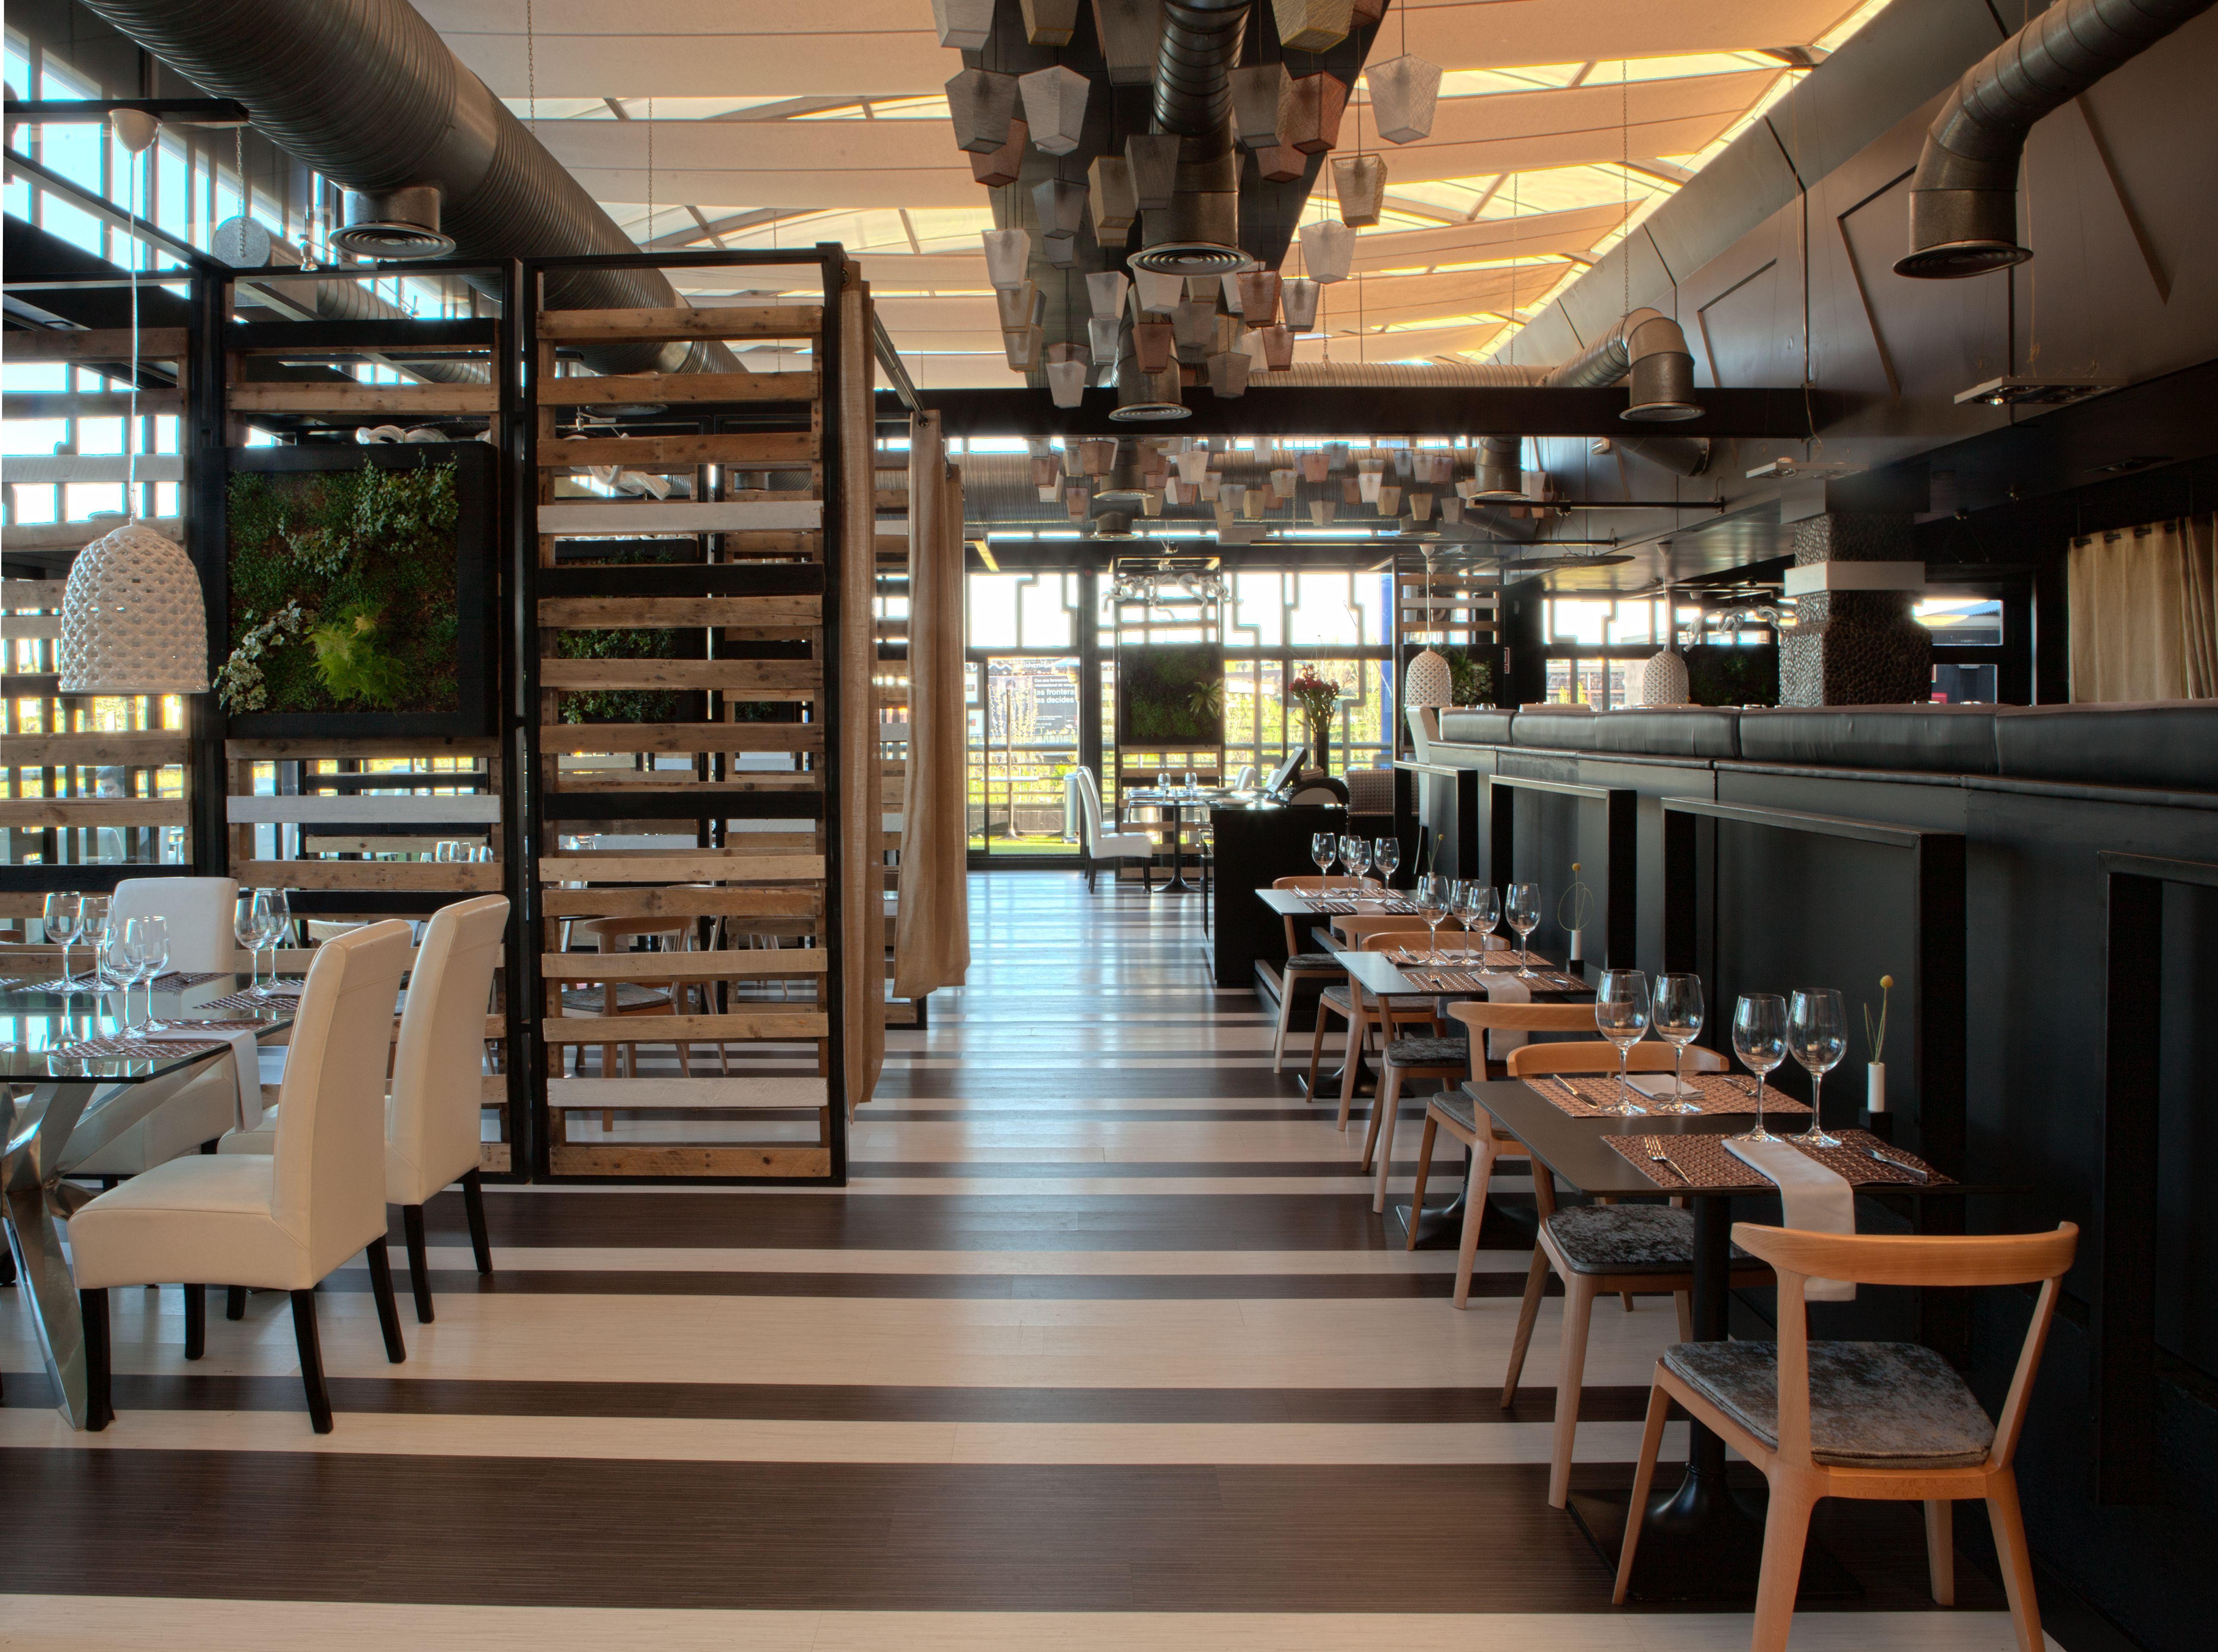 Ideas y consejos como decorar una hosteler a bar o restaurante decoreforma2000 - Decoracion de bar ...